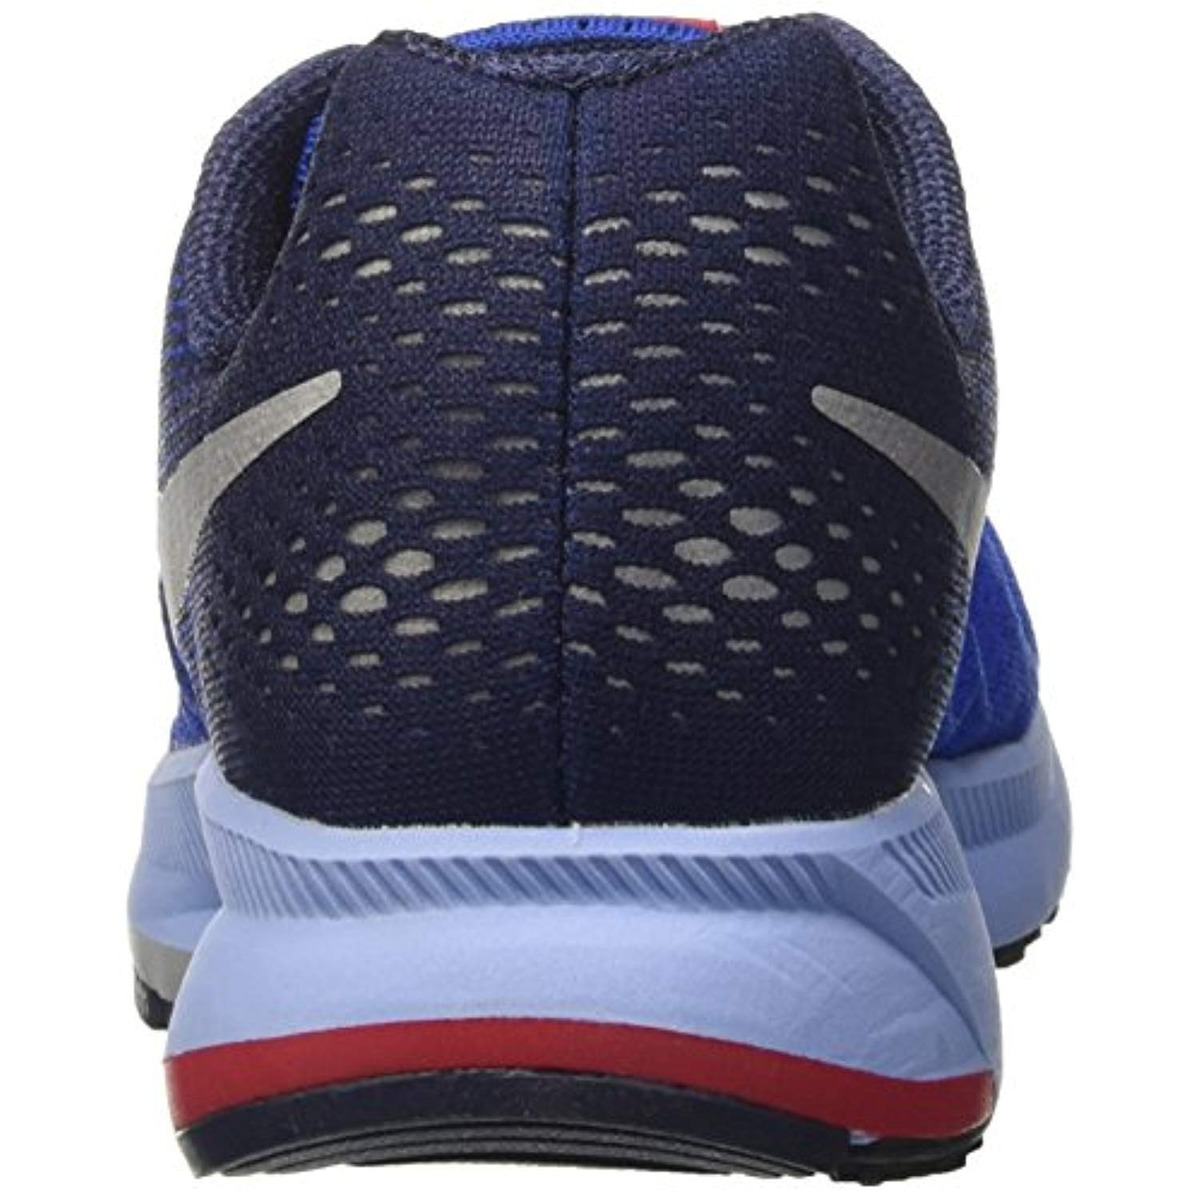 dcea42b973 Zapatos Niños Nike Zoom Pegasus 33 Big Kids - $ 492.533 en Mercado Libre